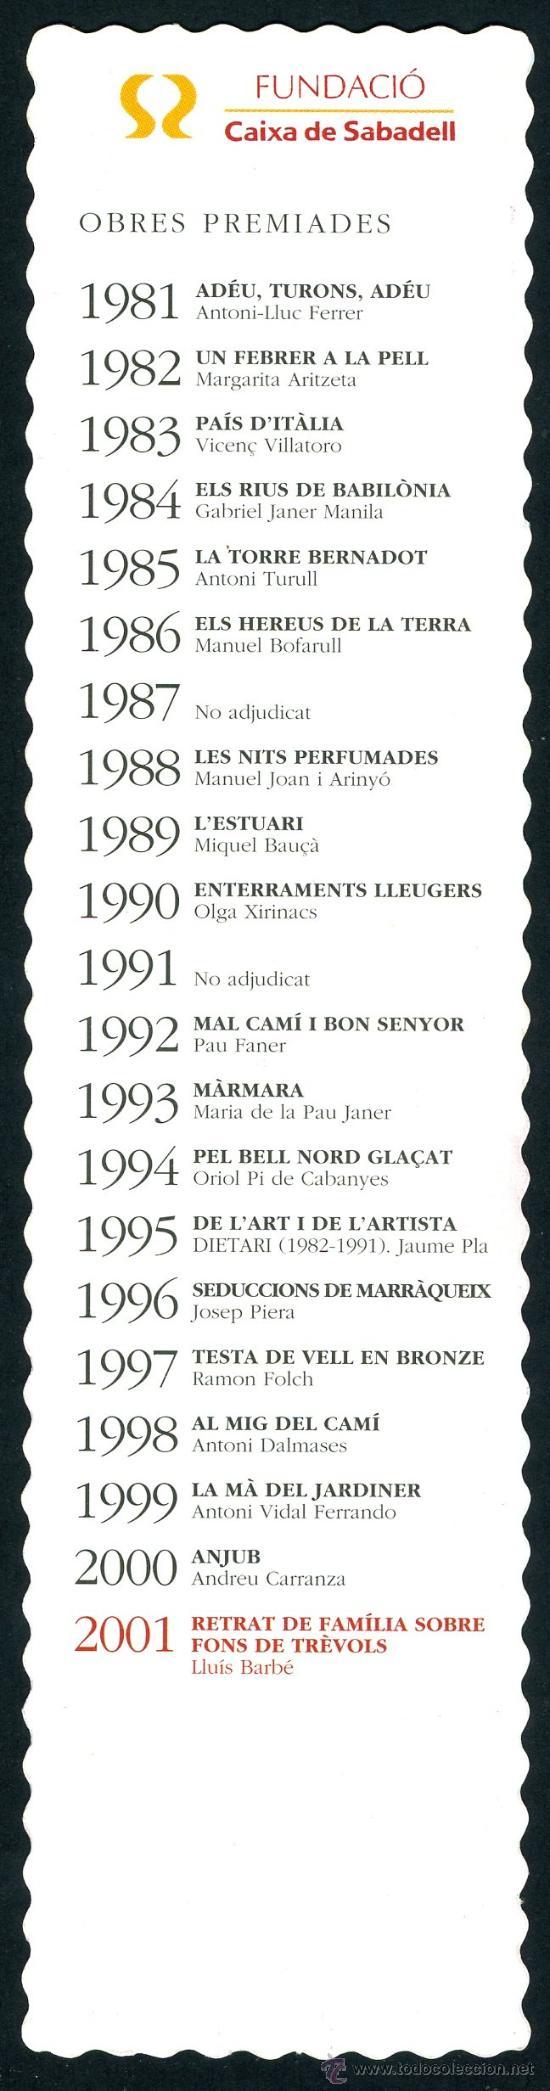 Coleccionismo Marcapáginas: Marcapáginas – Caixa Sabadell 2001 - Foto 2 - 74096622